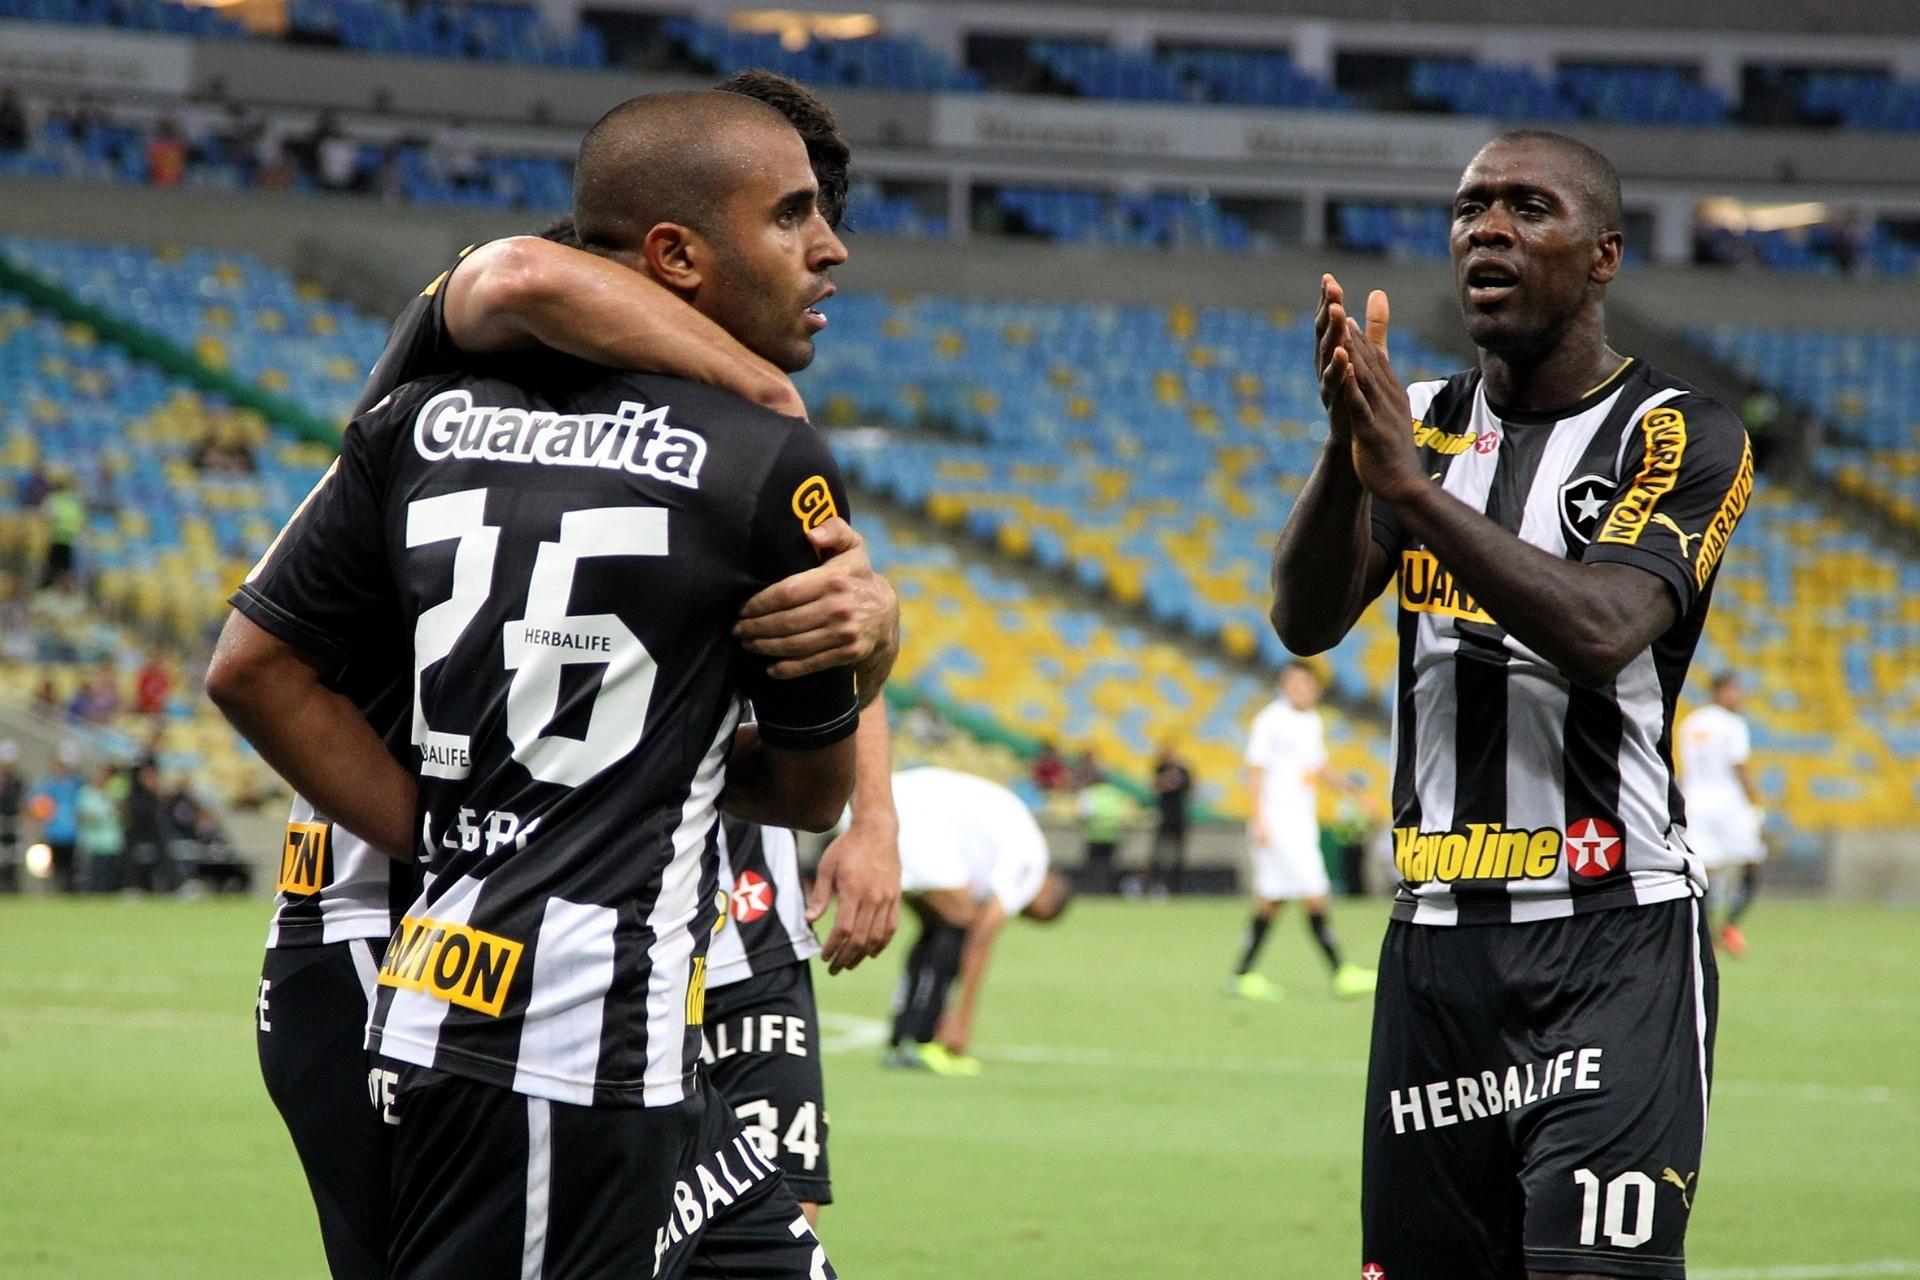 66bf562508 Seedorf revela mágoa com  torcedores de sofá  no Bota   uma decepção  -  24 11 2013 - UOL Esporte